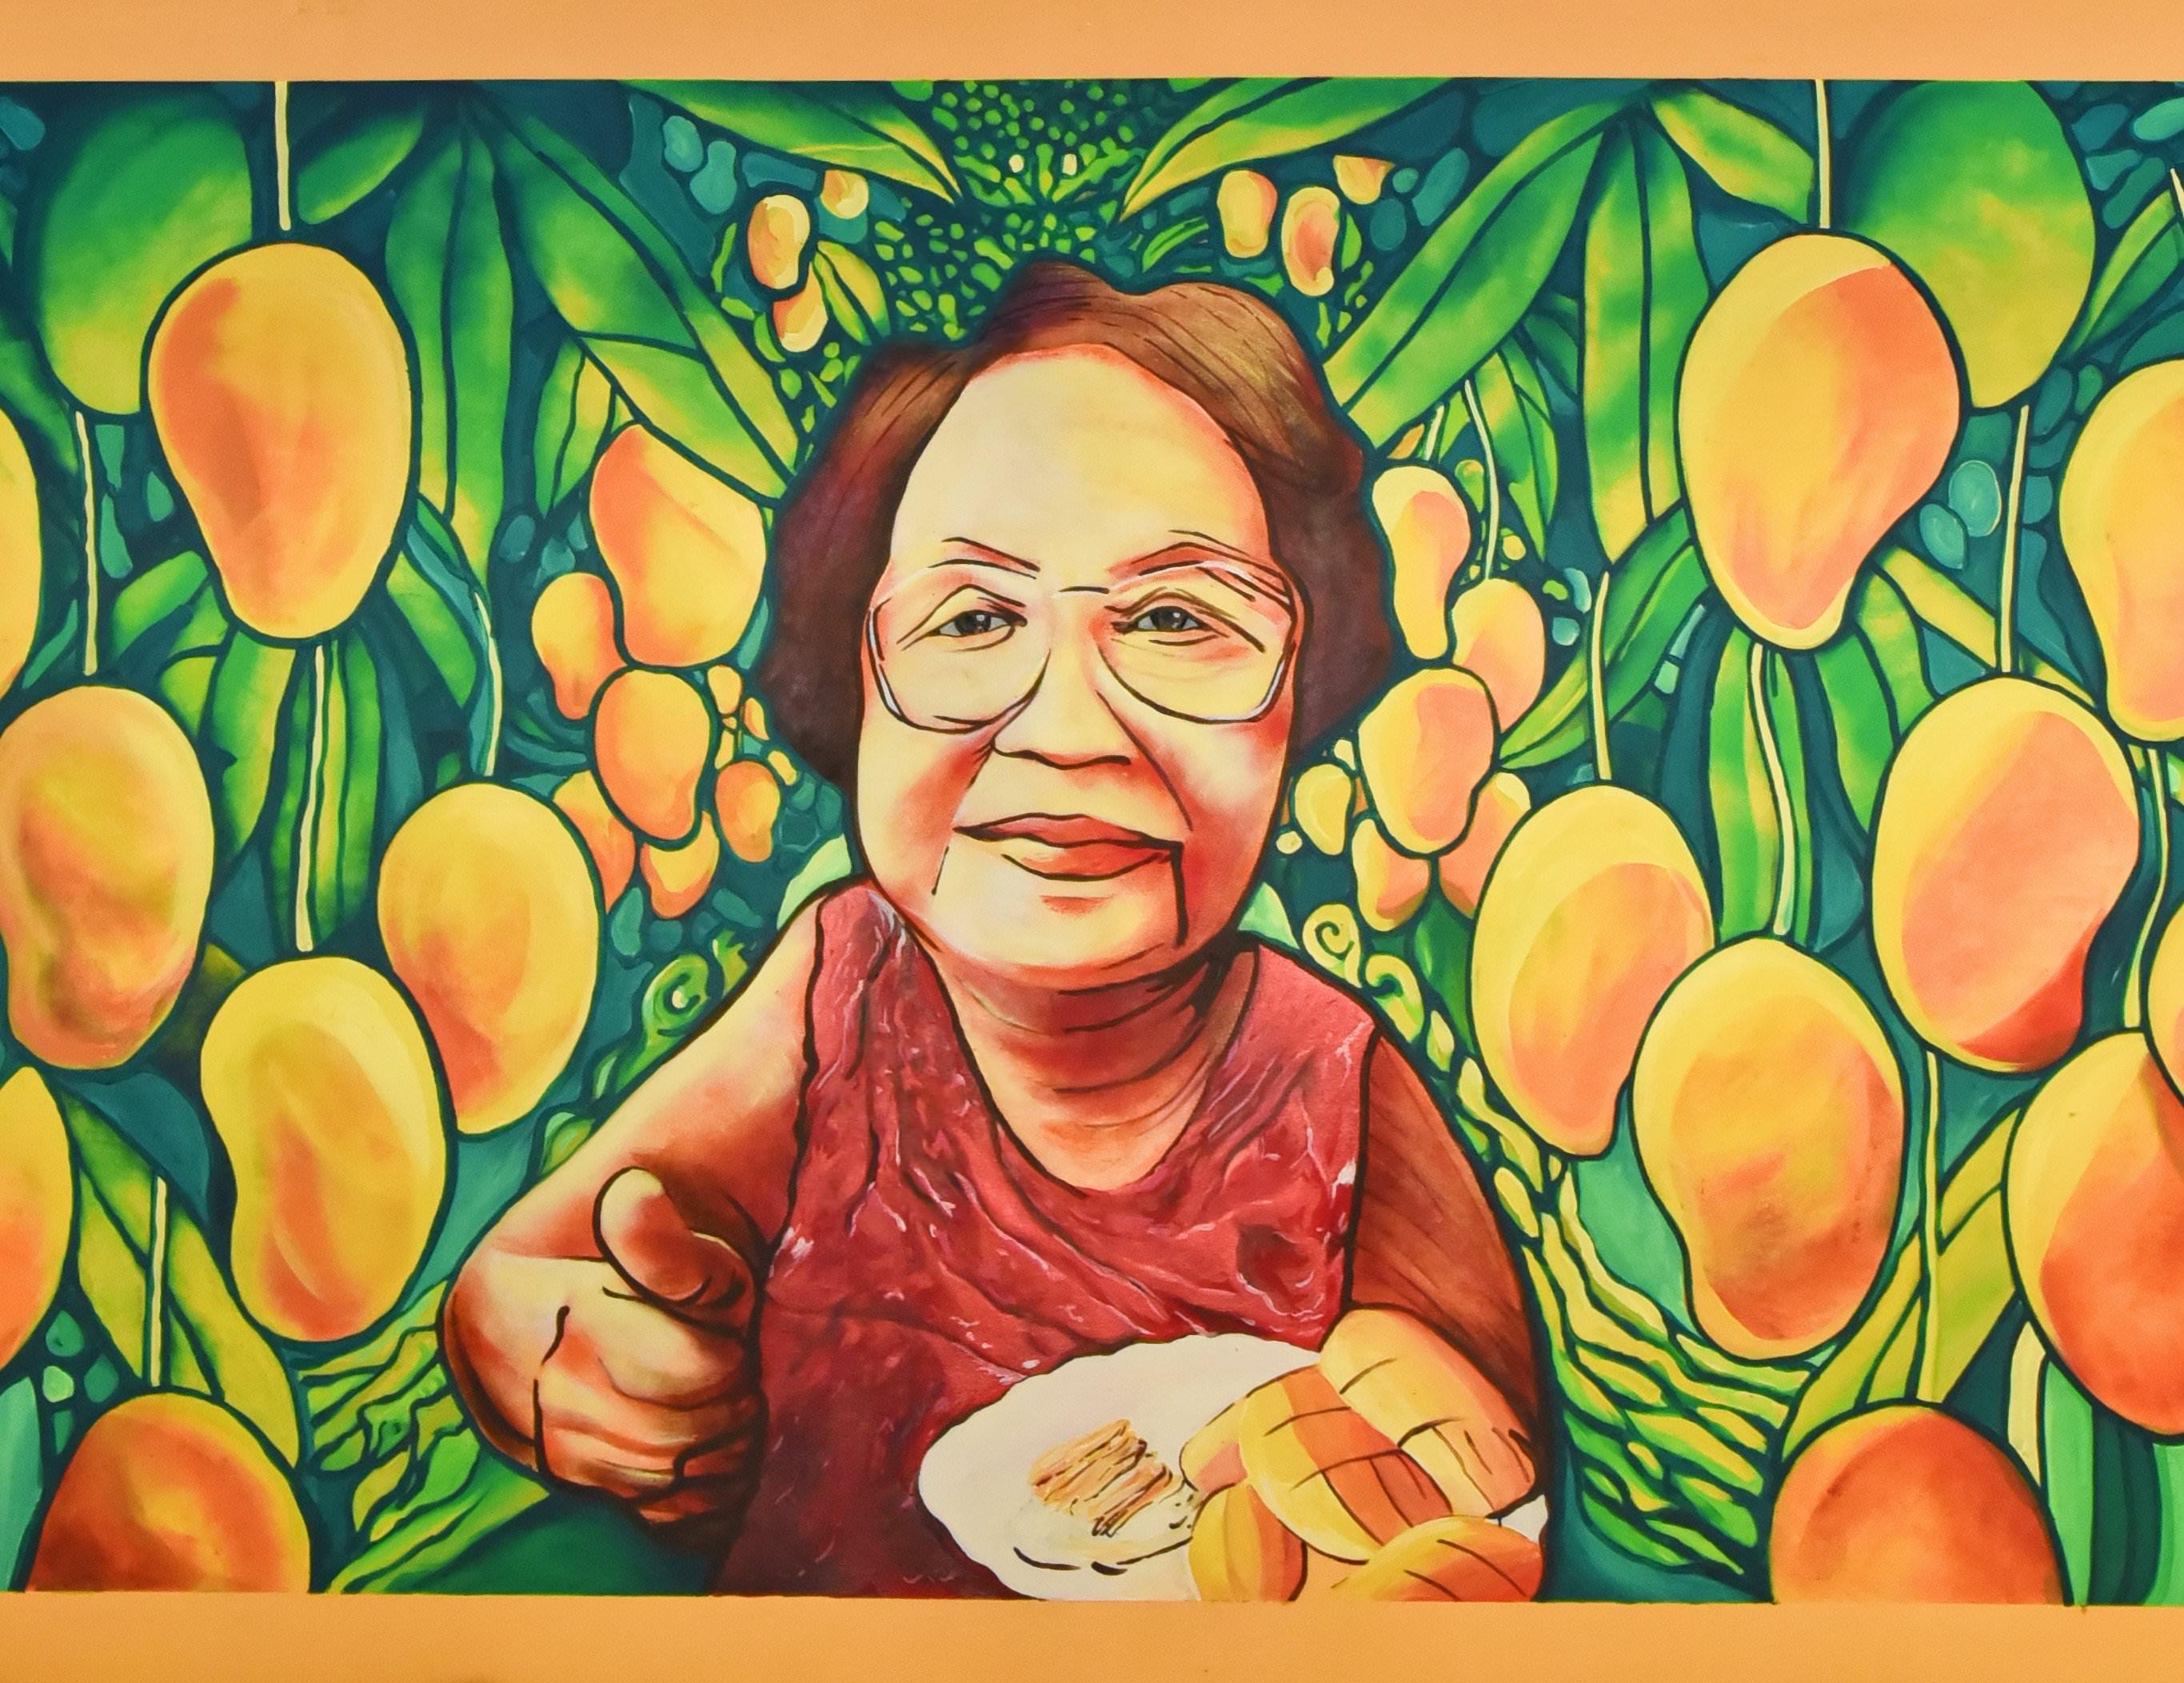 【泰國美食】華欣必吃芒果糯米,「哲阿姨Pa Jua」PK「Meechai Shop」,令人念念不忘的泰國好滋味!